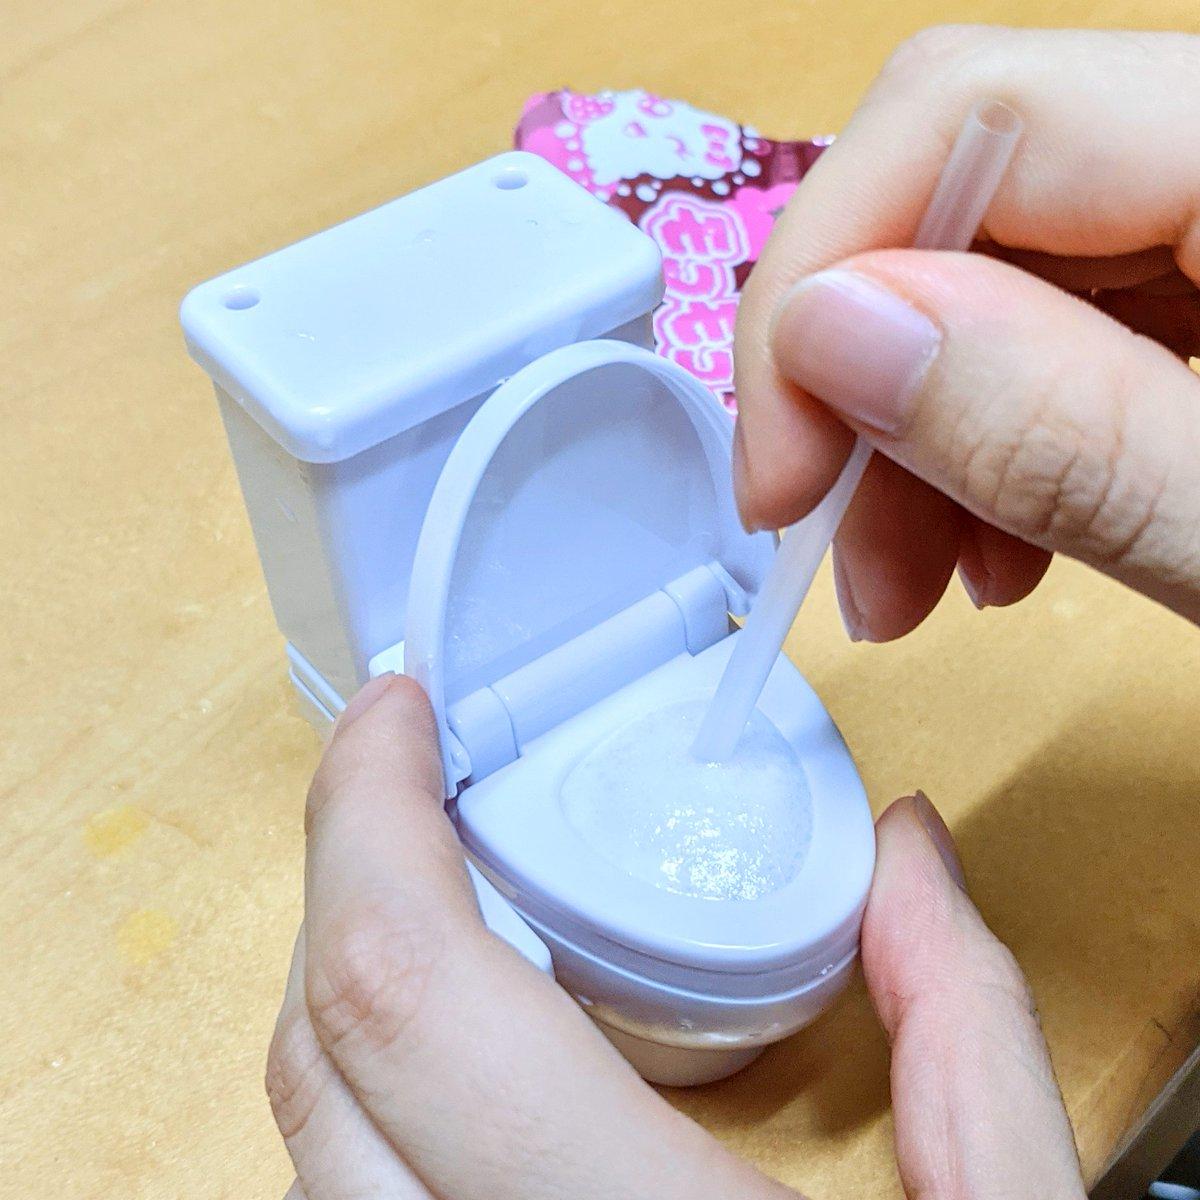 娘が「トイレから出てくる泡を飲む」というIQがウルトラ低いお菓子を食べてる。